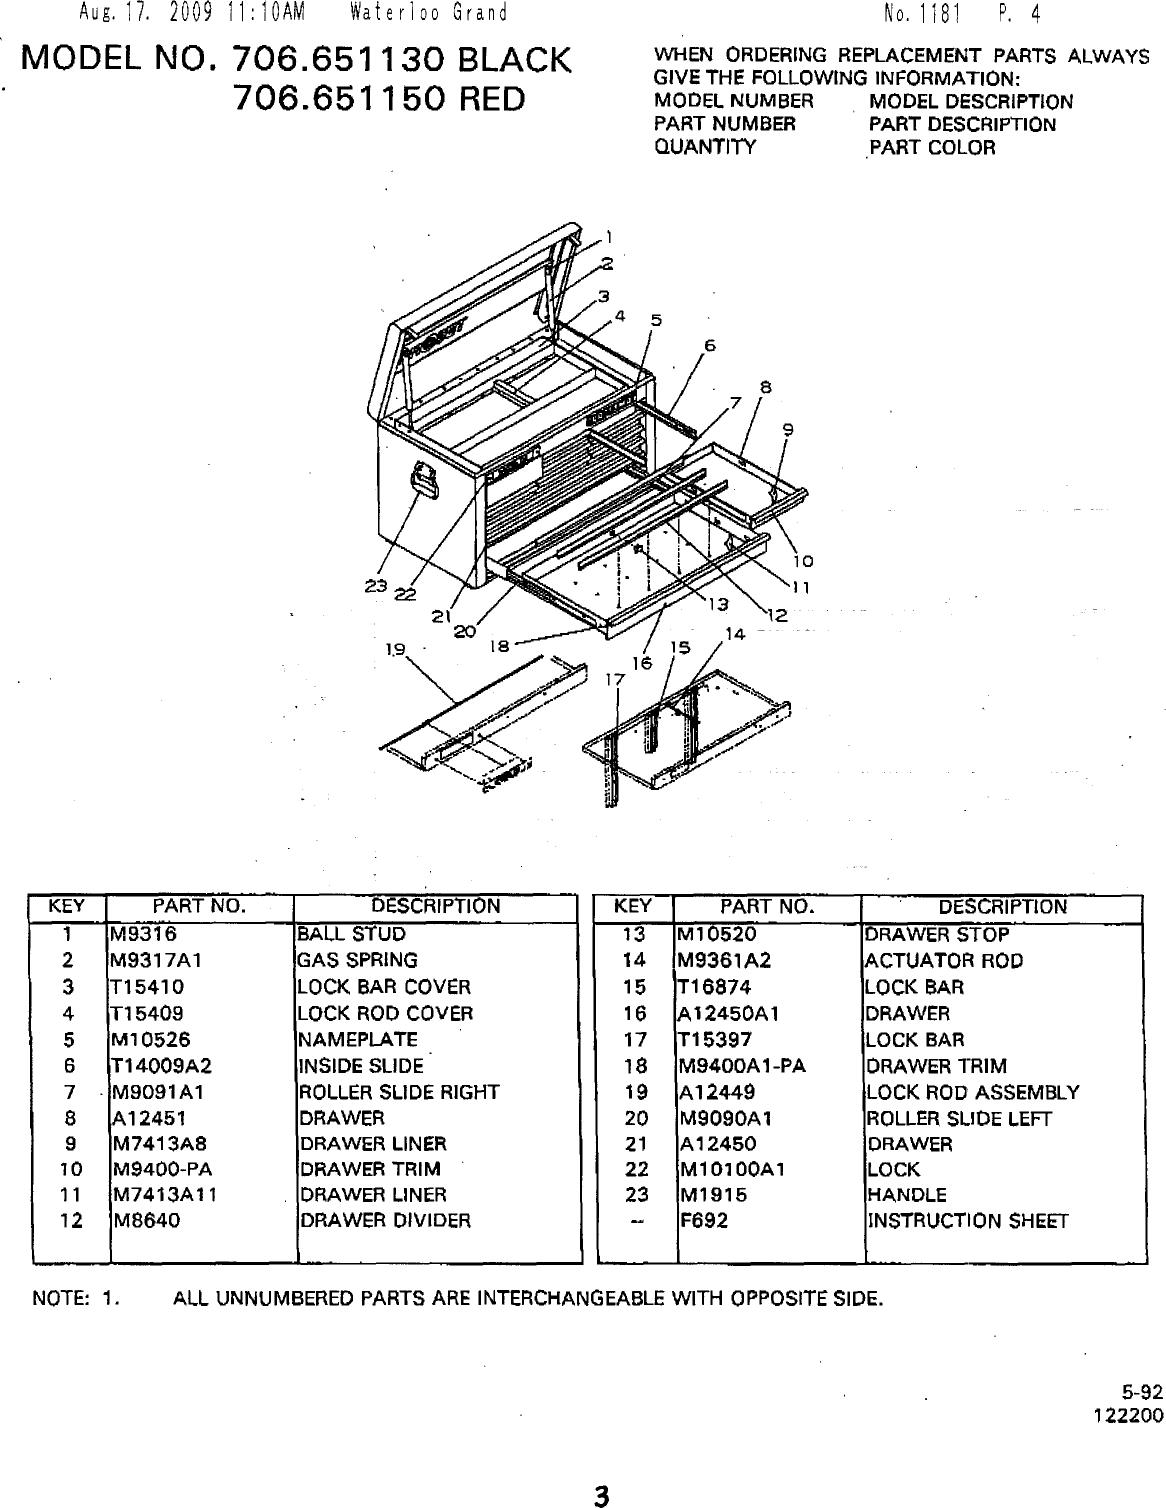 Logic Diagram Tool Manual Guide